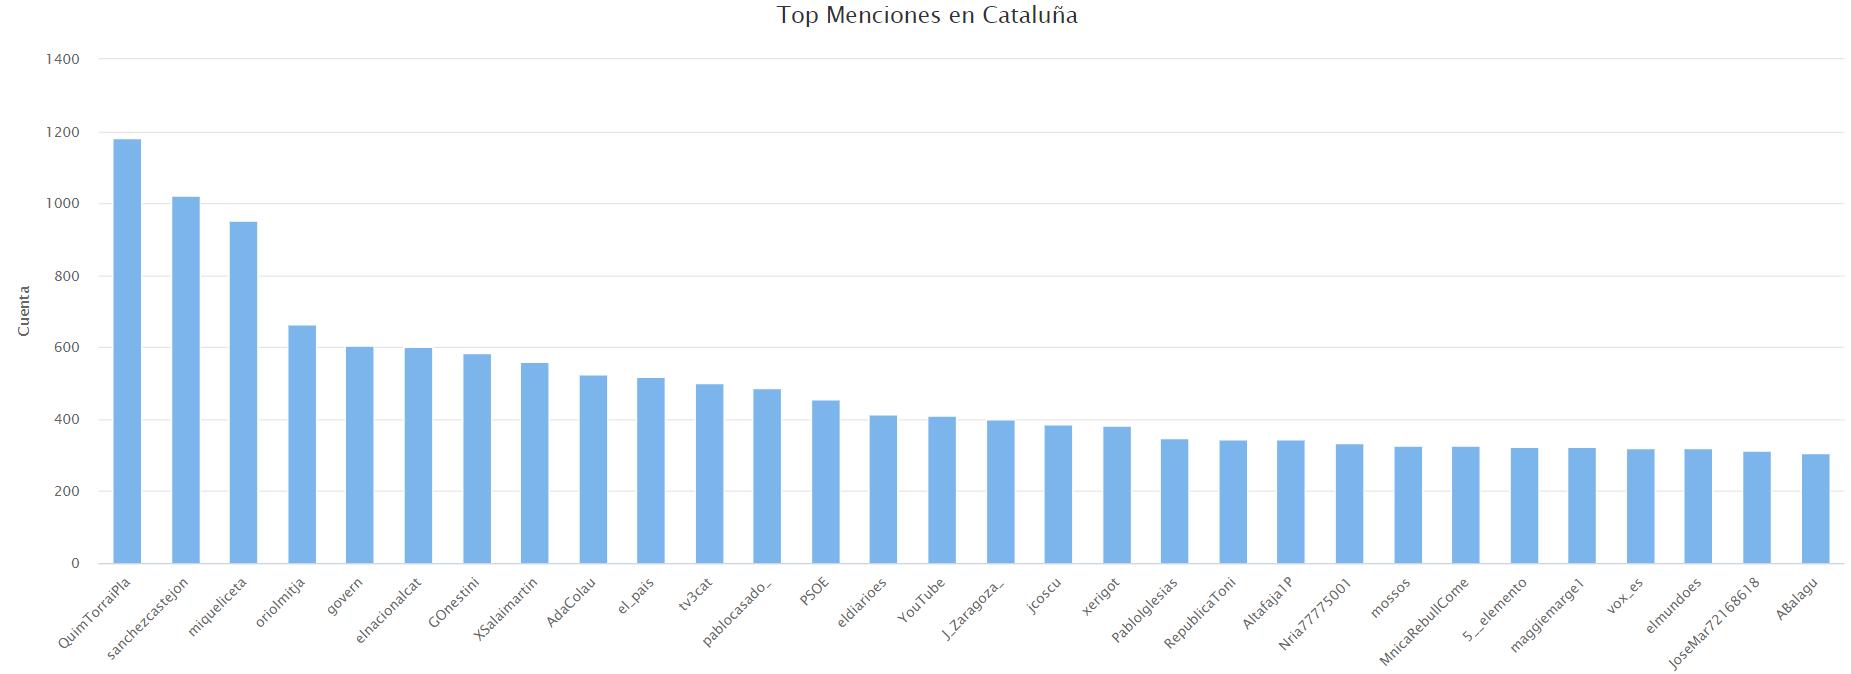 Menciones a usuarios más frecuentes en Cataluña